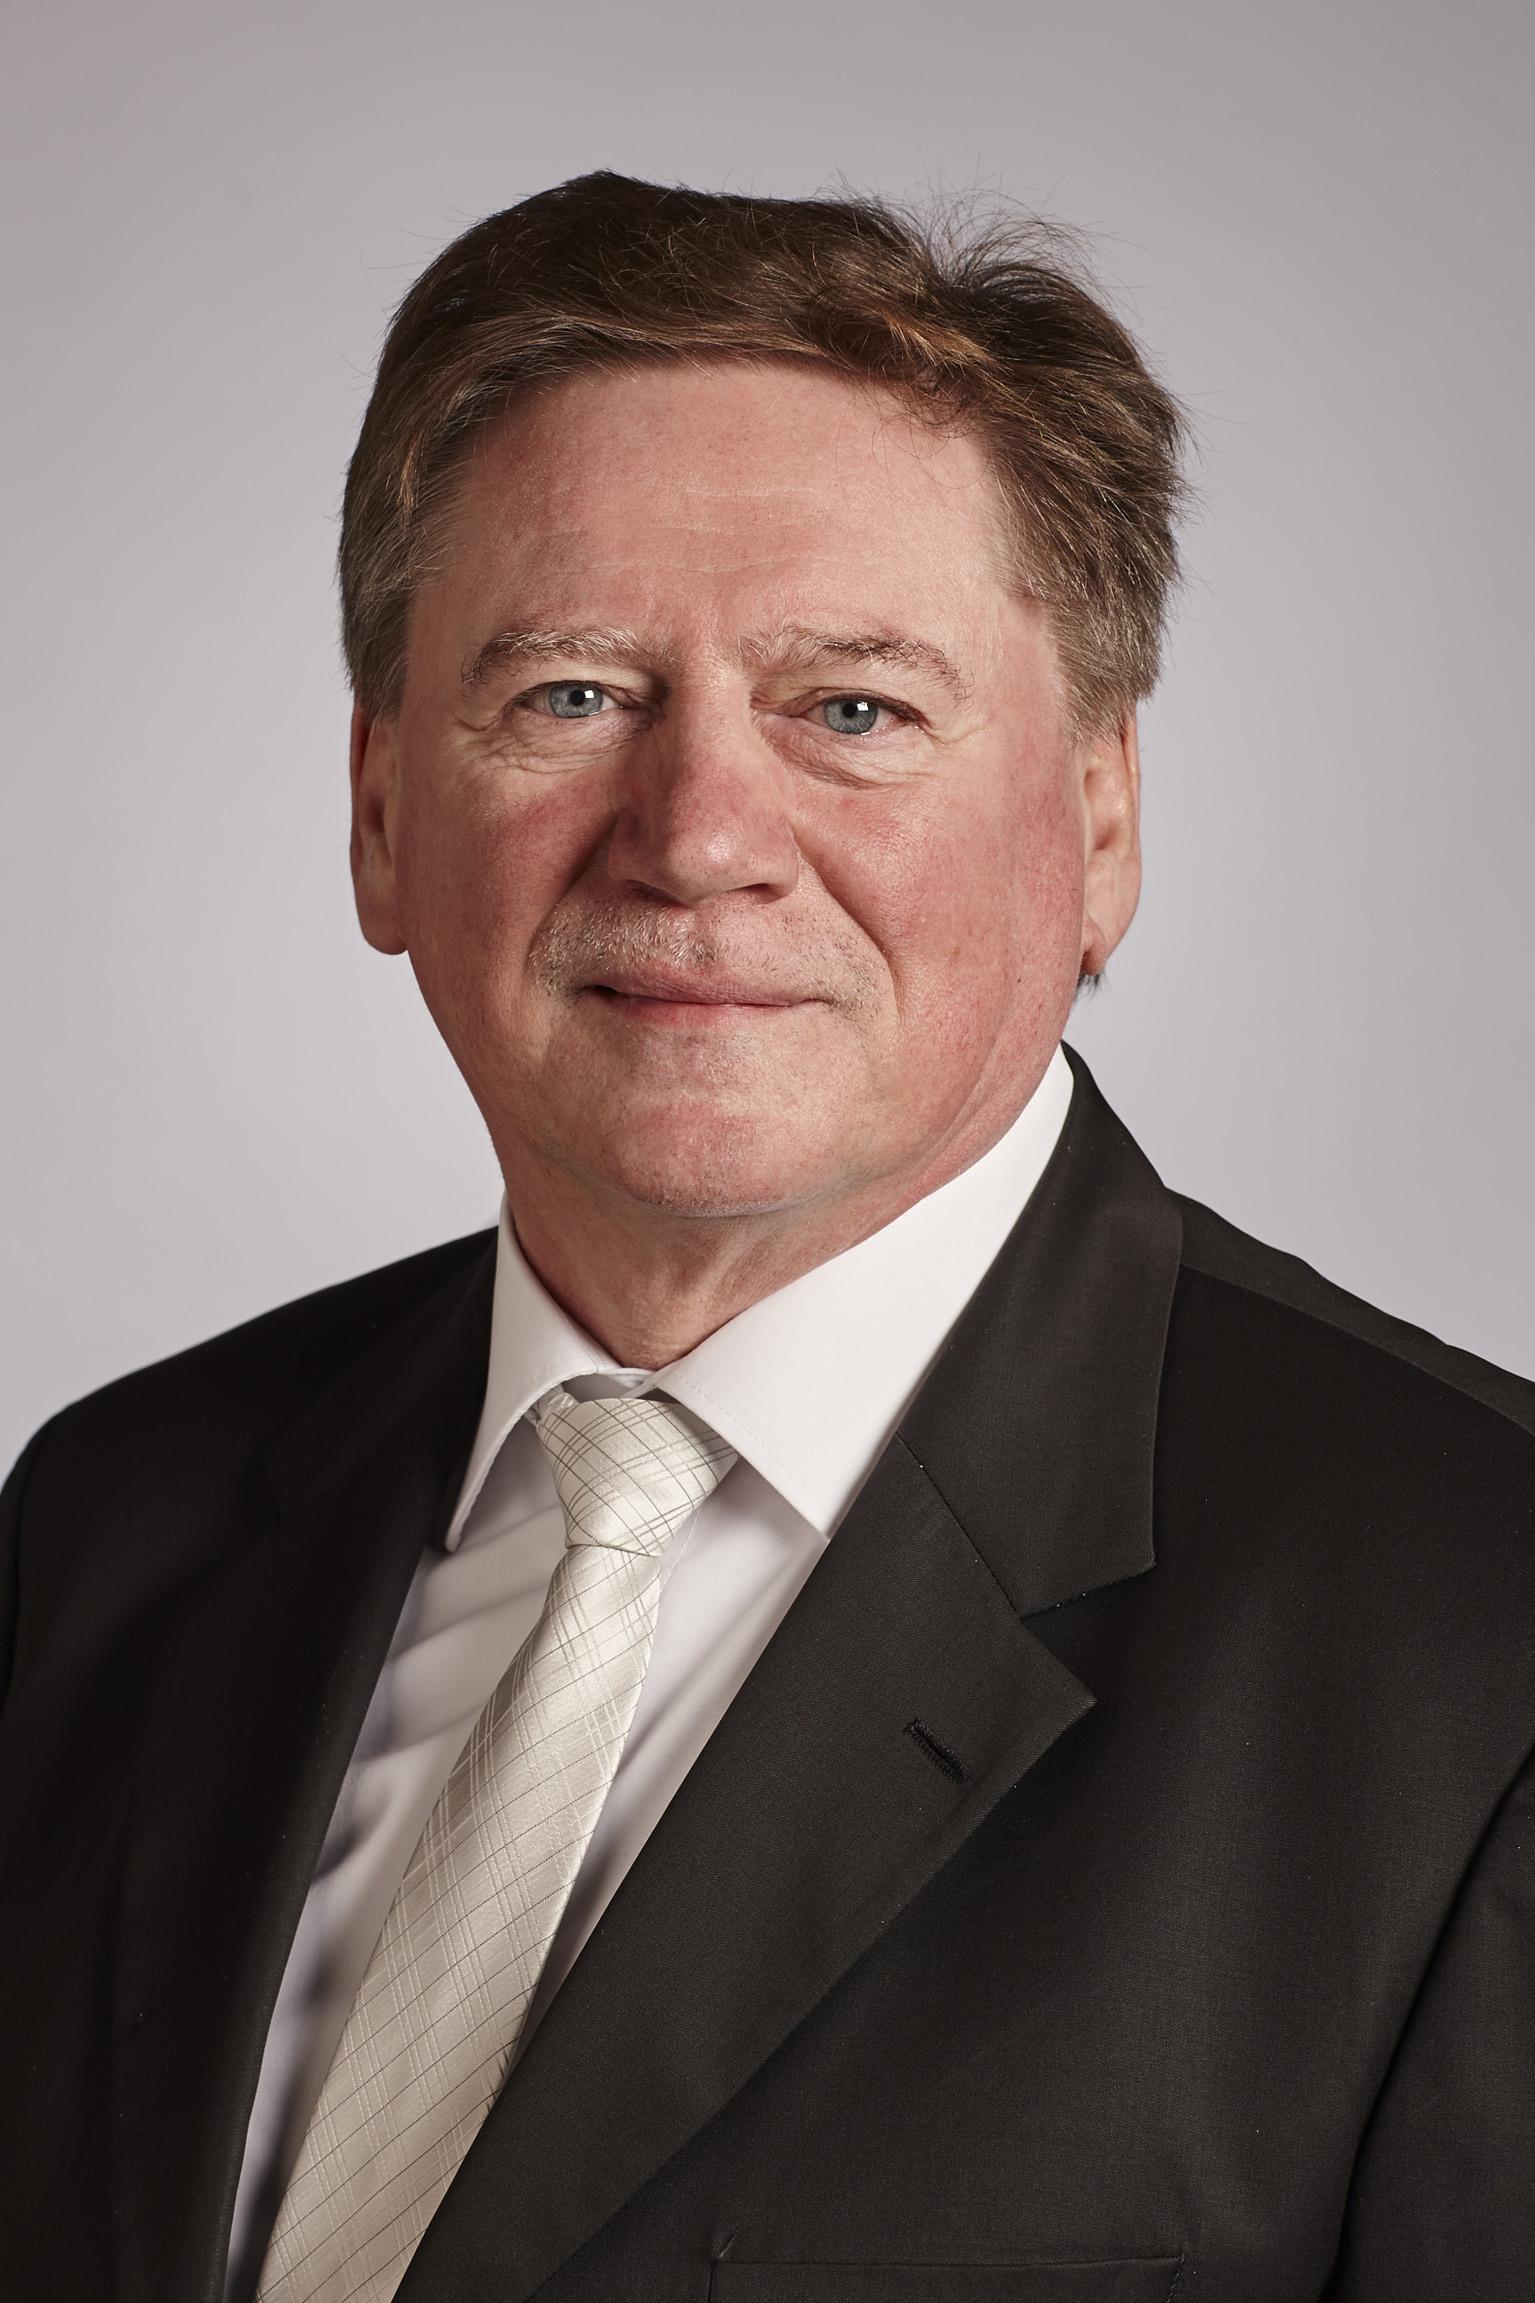 Dieter Schlenker